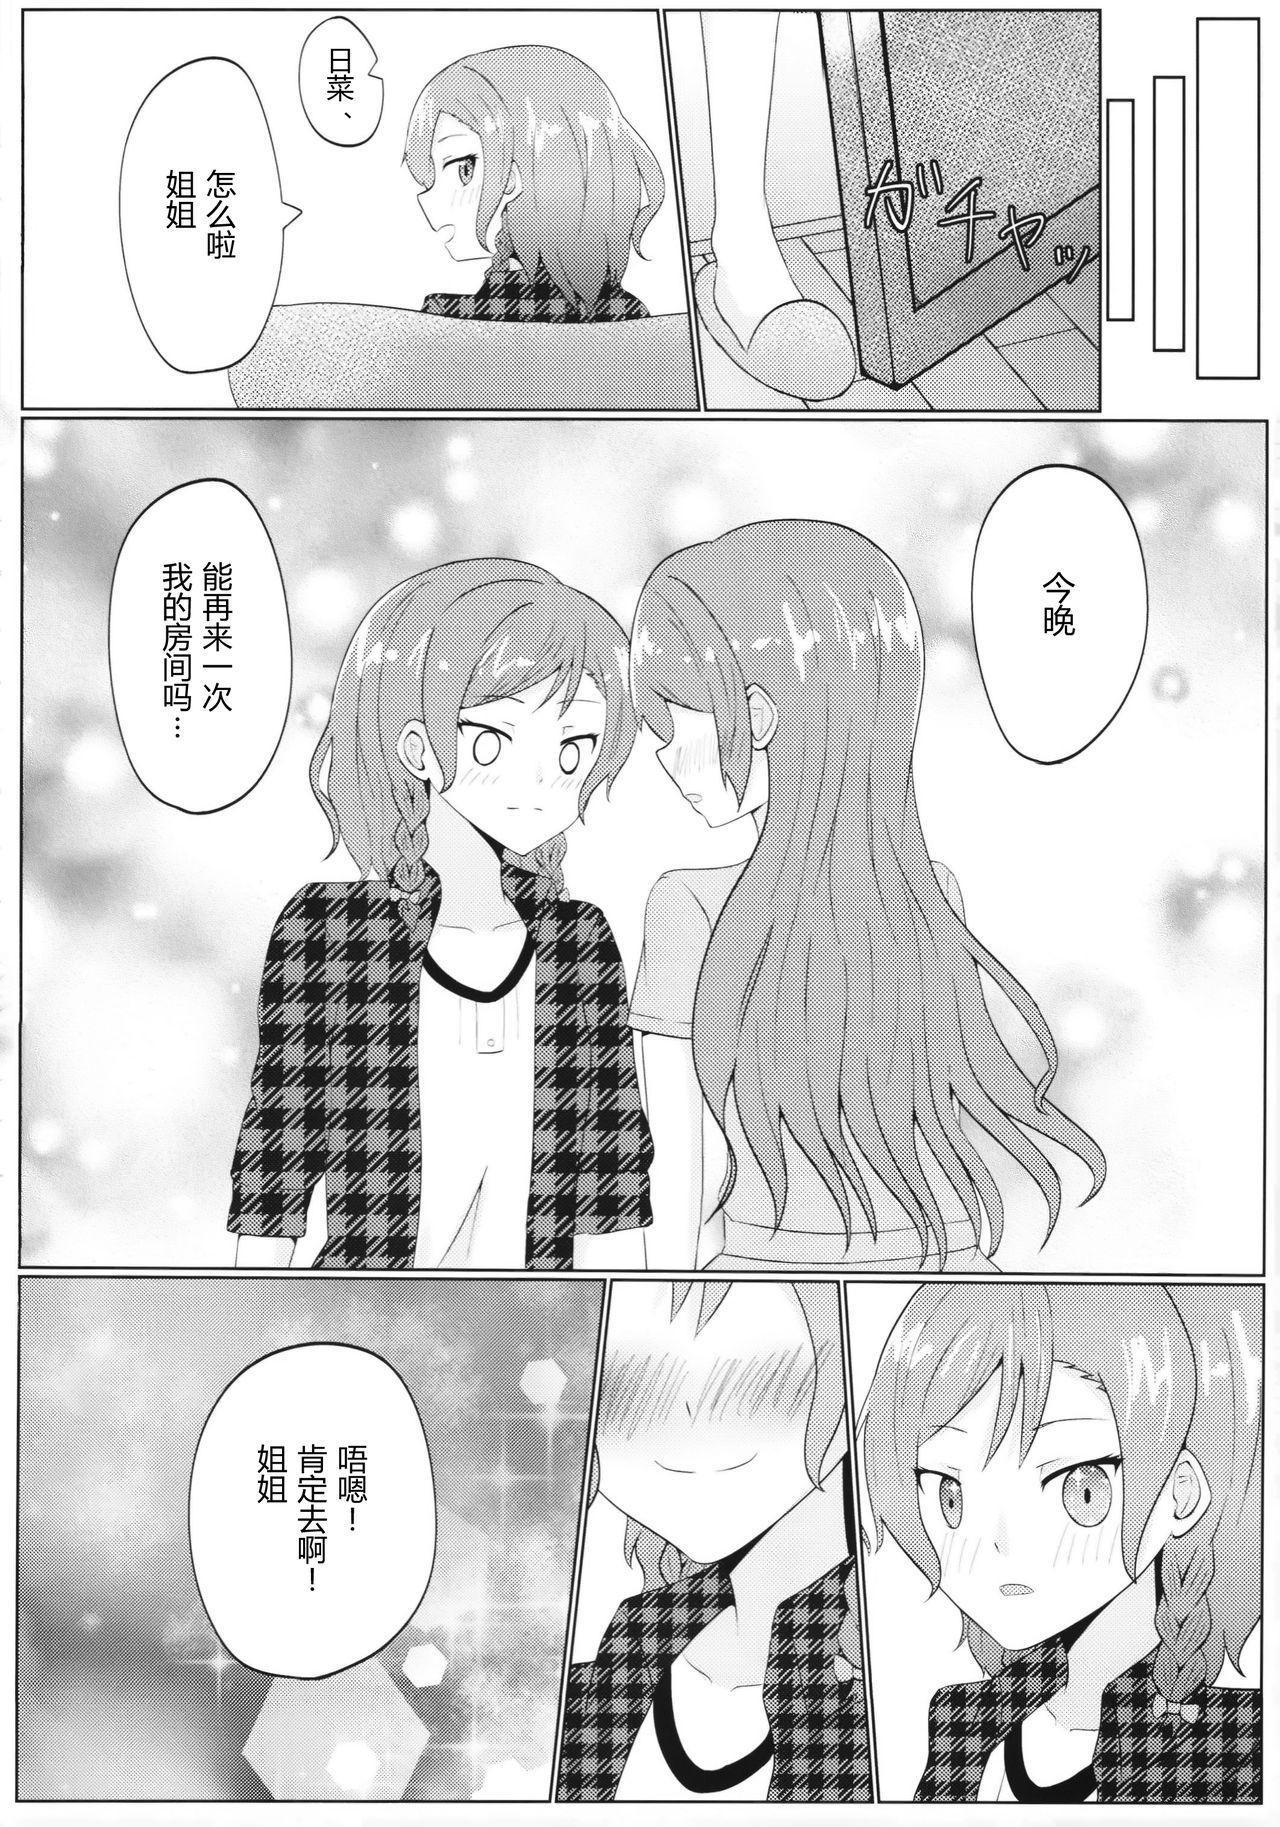 氷川姉妹18禁合同「今日は一緒に寝てもいい?」 59